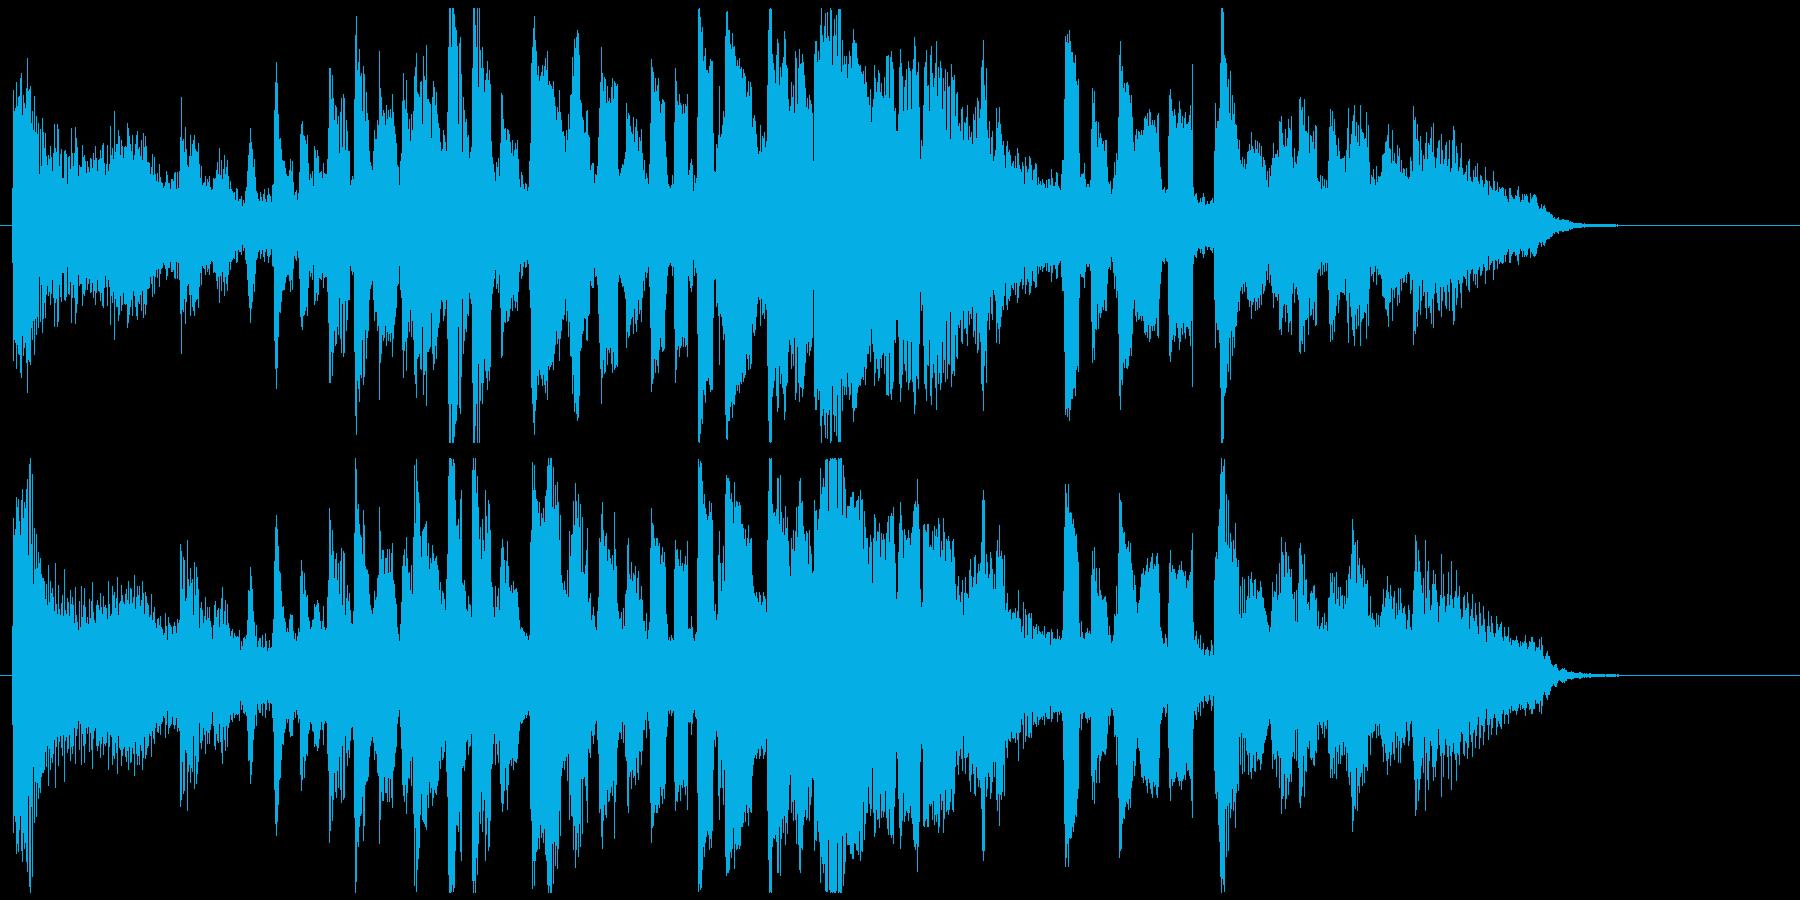 ワインと夜景な雰囲気◆CM系15秒ジャズの再生済みの波形